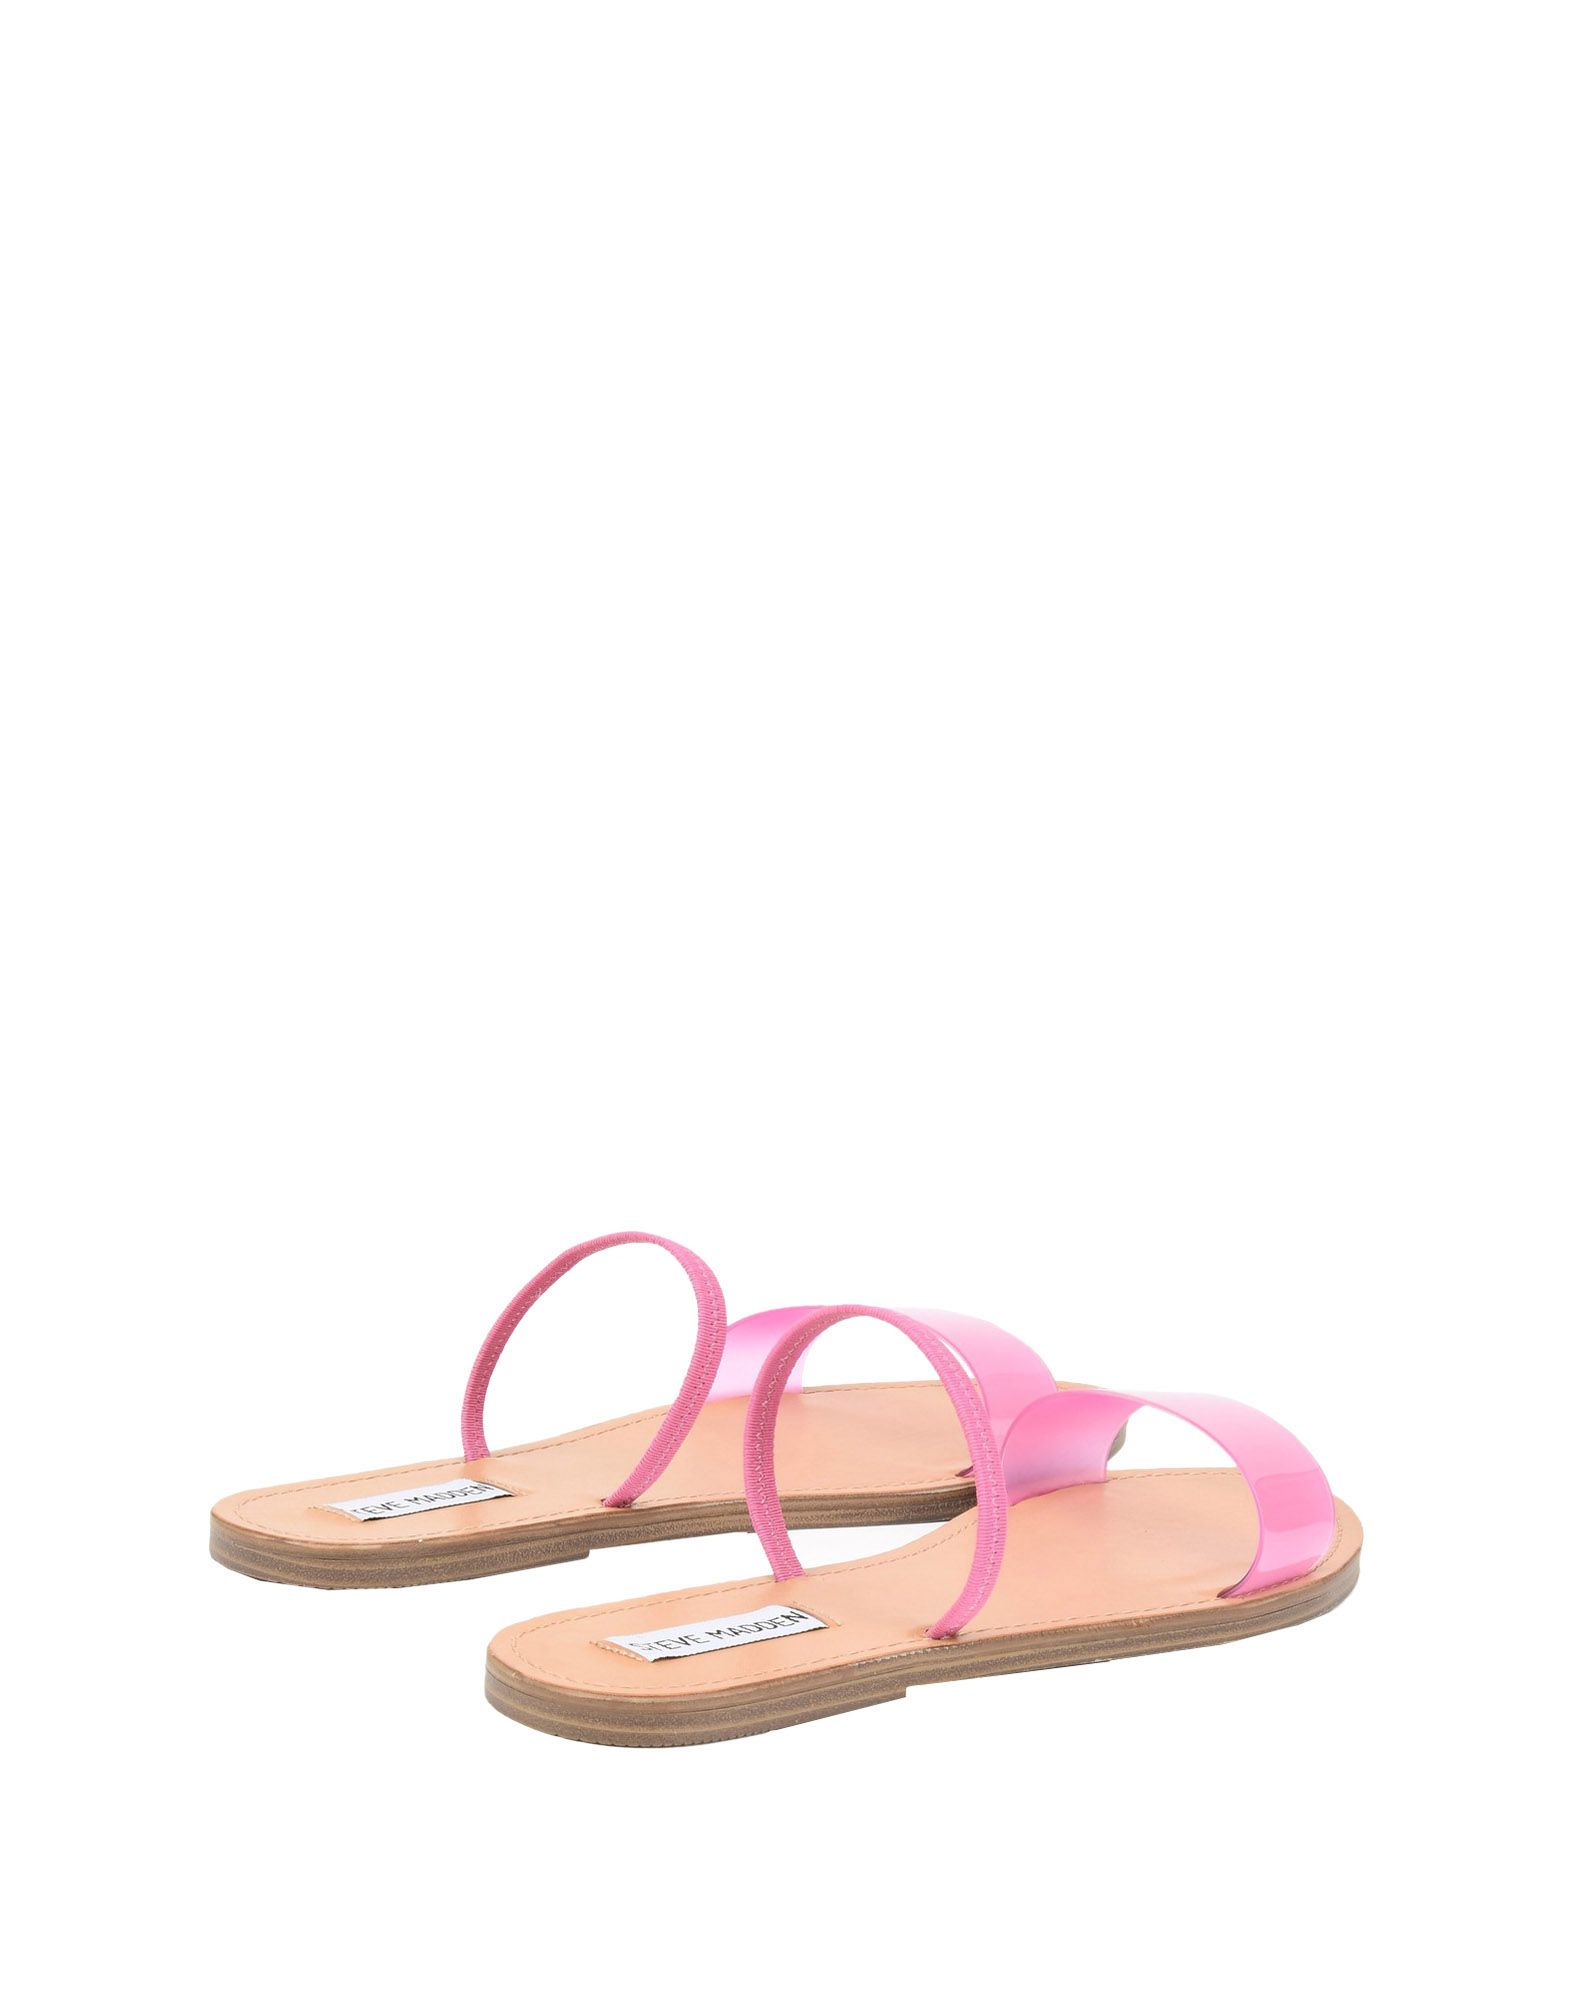 Steve Madden Dasha Flat Sandal  11457365GT Gute Qualität beliebte Schuhe